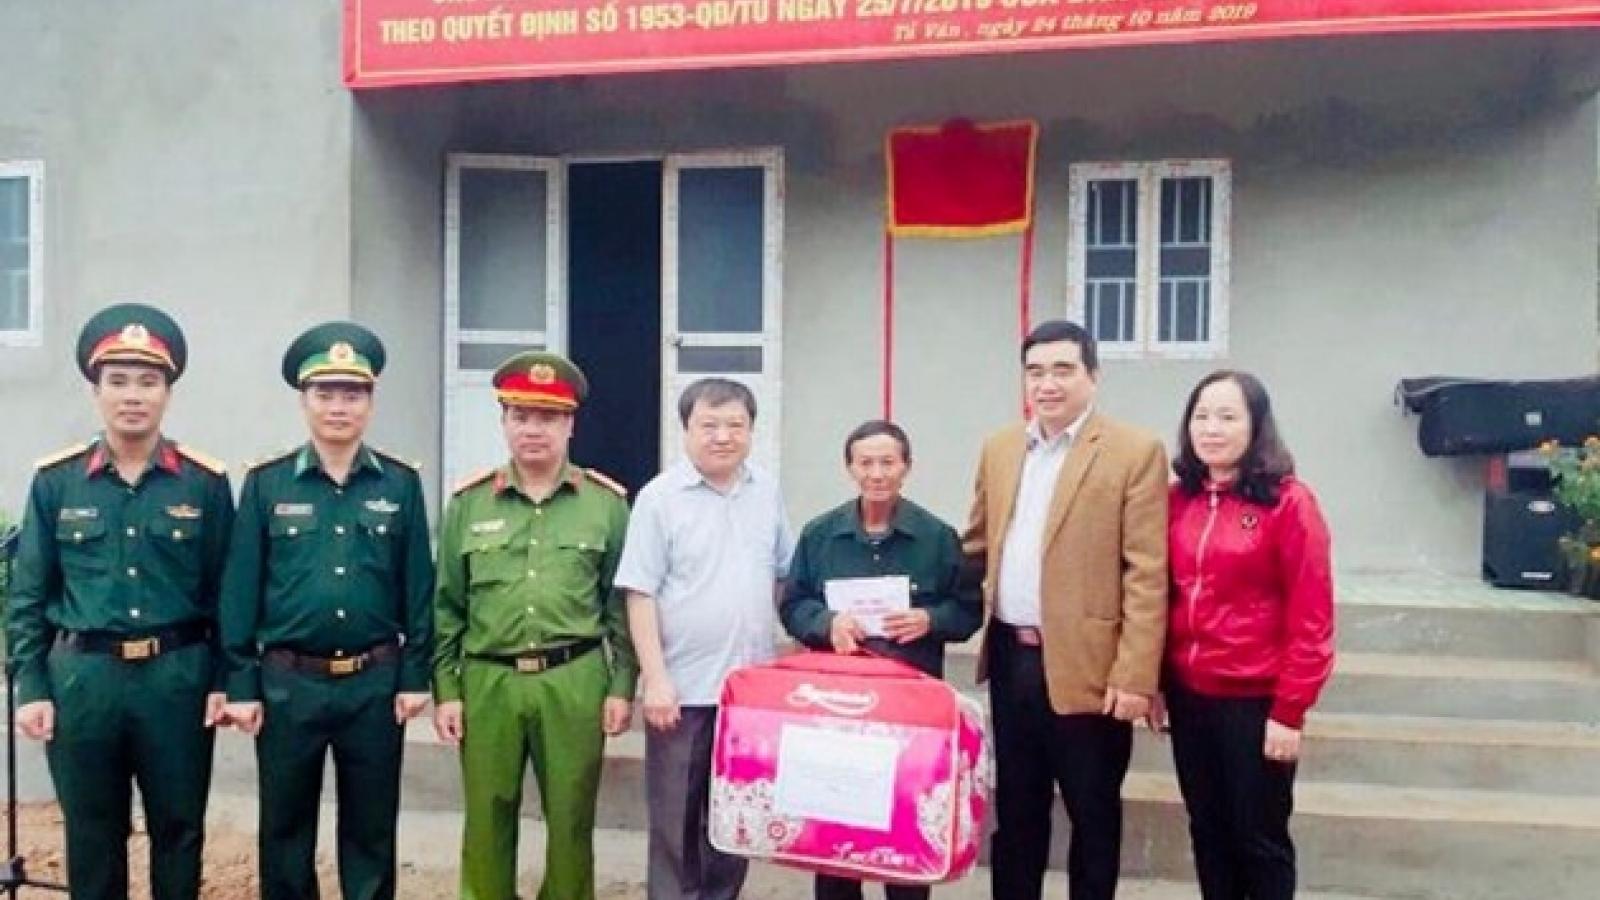 Xây dựng 10.000 nhà ở cho đồng bào nghèo-dấu ấn của nhiệm kỳ Đảng bộ tỉnh Hà Giang